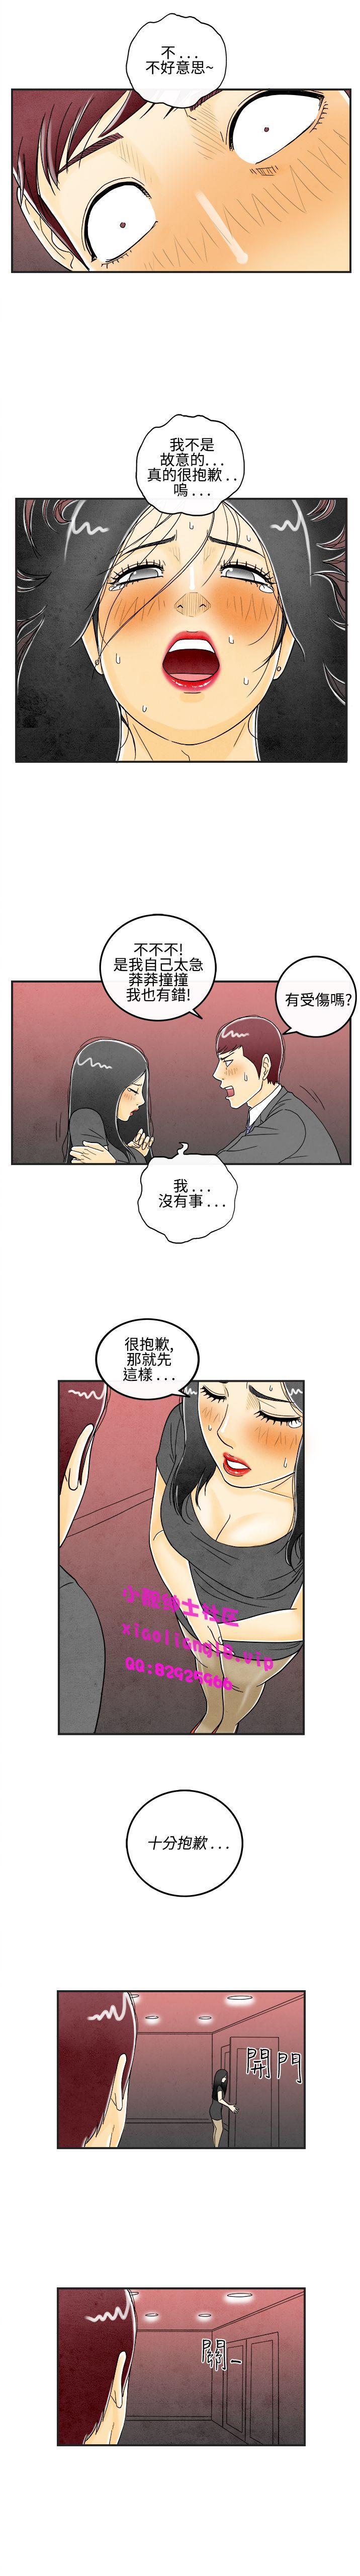 中文韩漫 离婚报告书 Ch.0-10 77